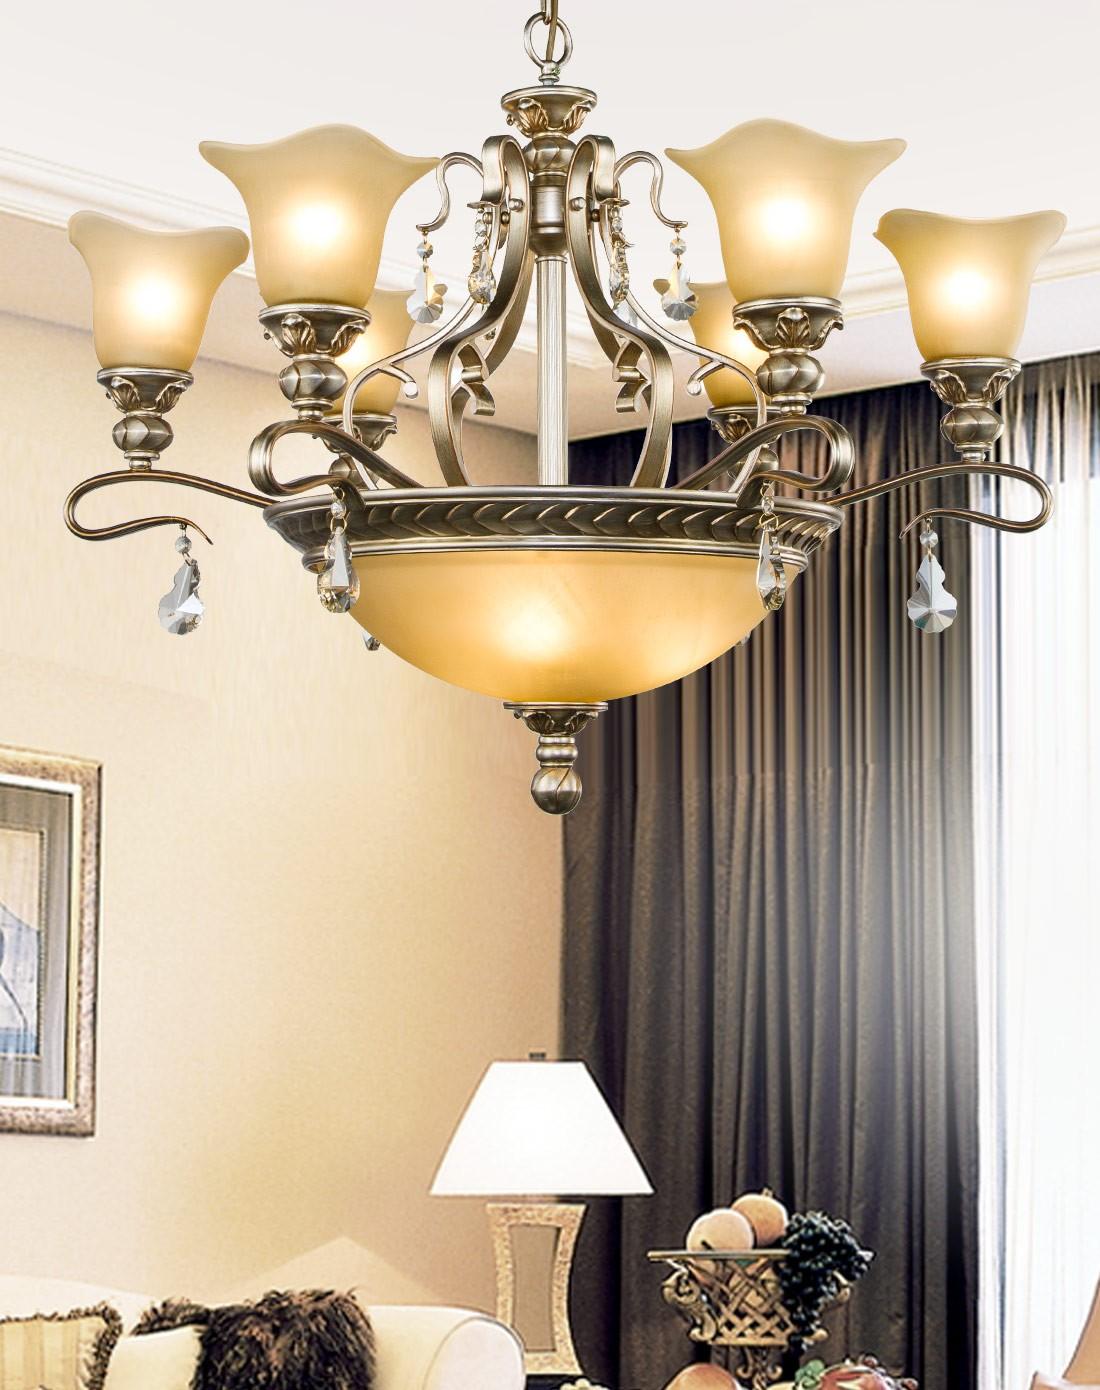 欧式复古吊灯奢华水晶灯客厅灯